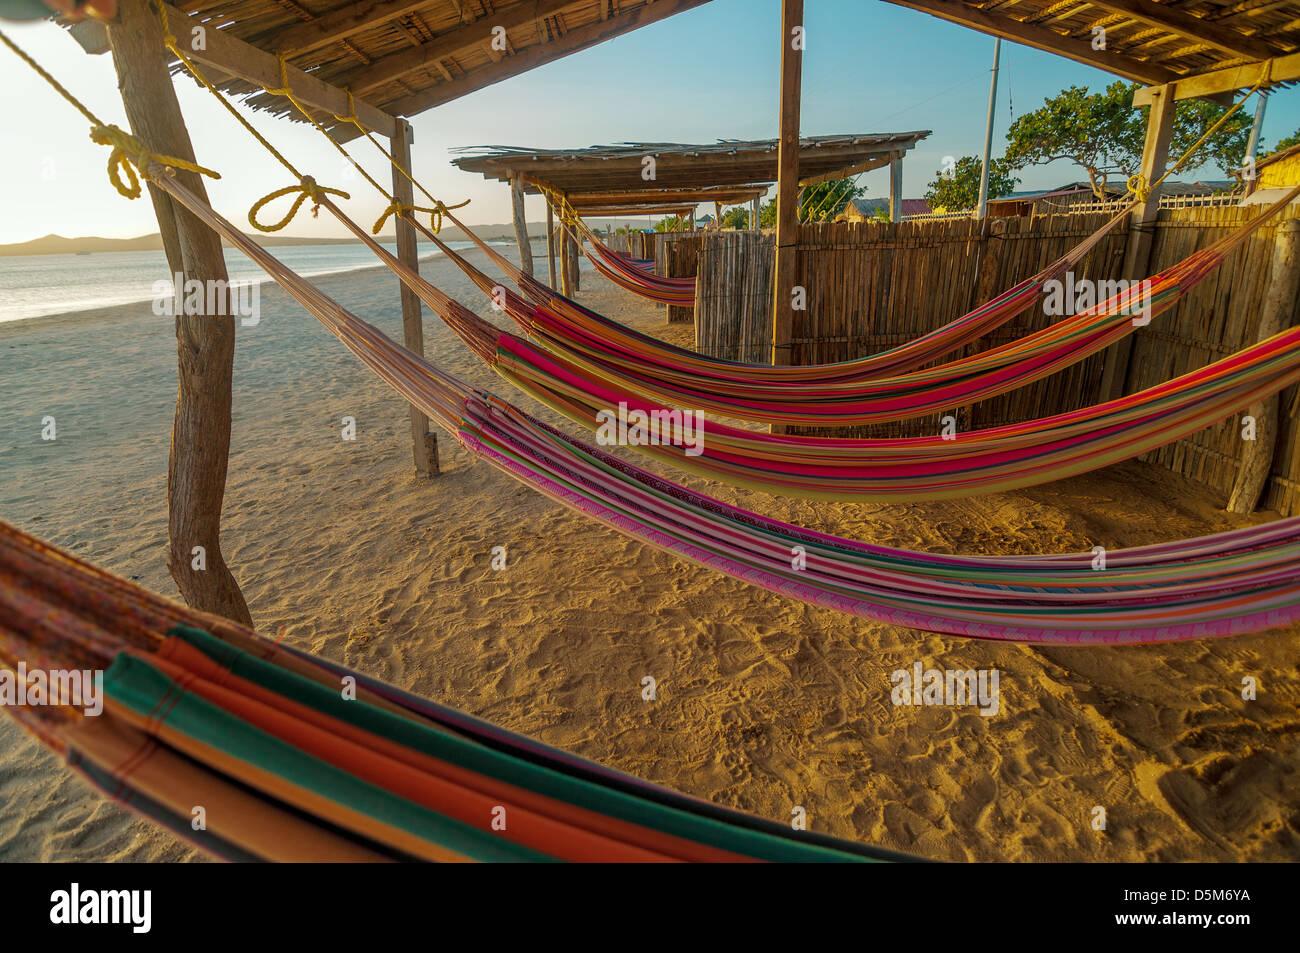 Colorful hammocks on a beautiful deserted bach in Cabo de La Vela in La Guajira, Colombia - Stock Image